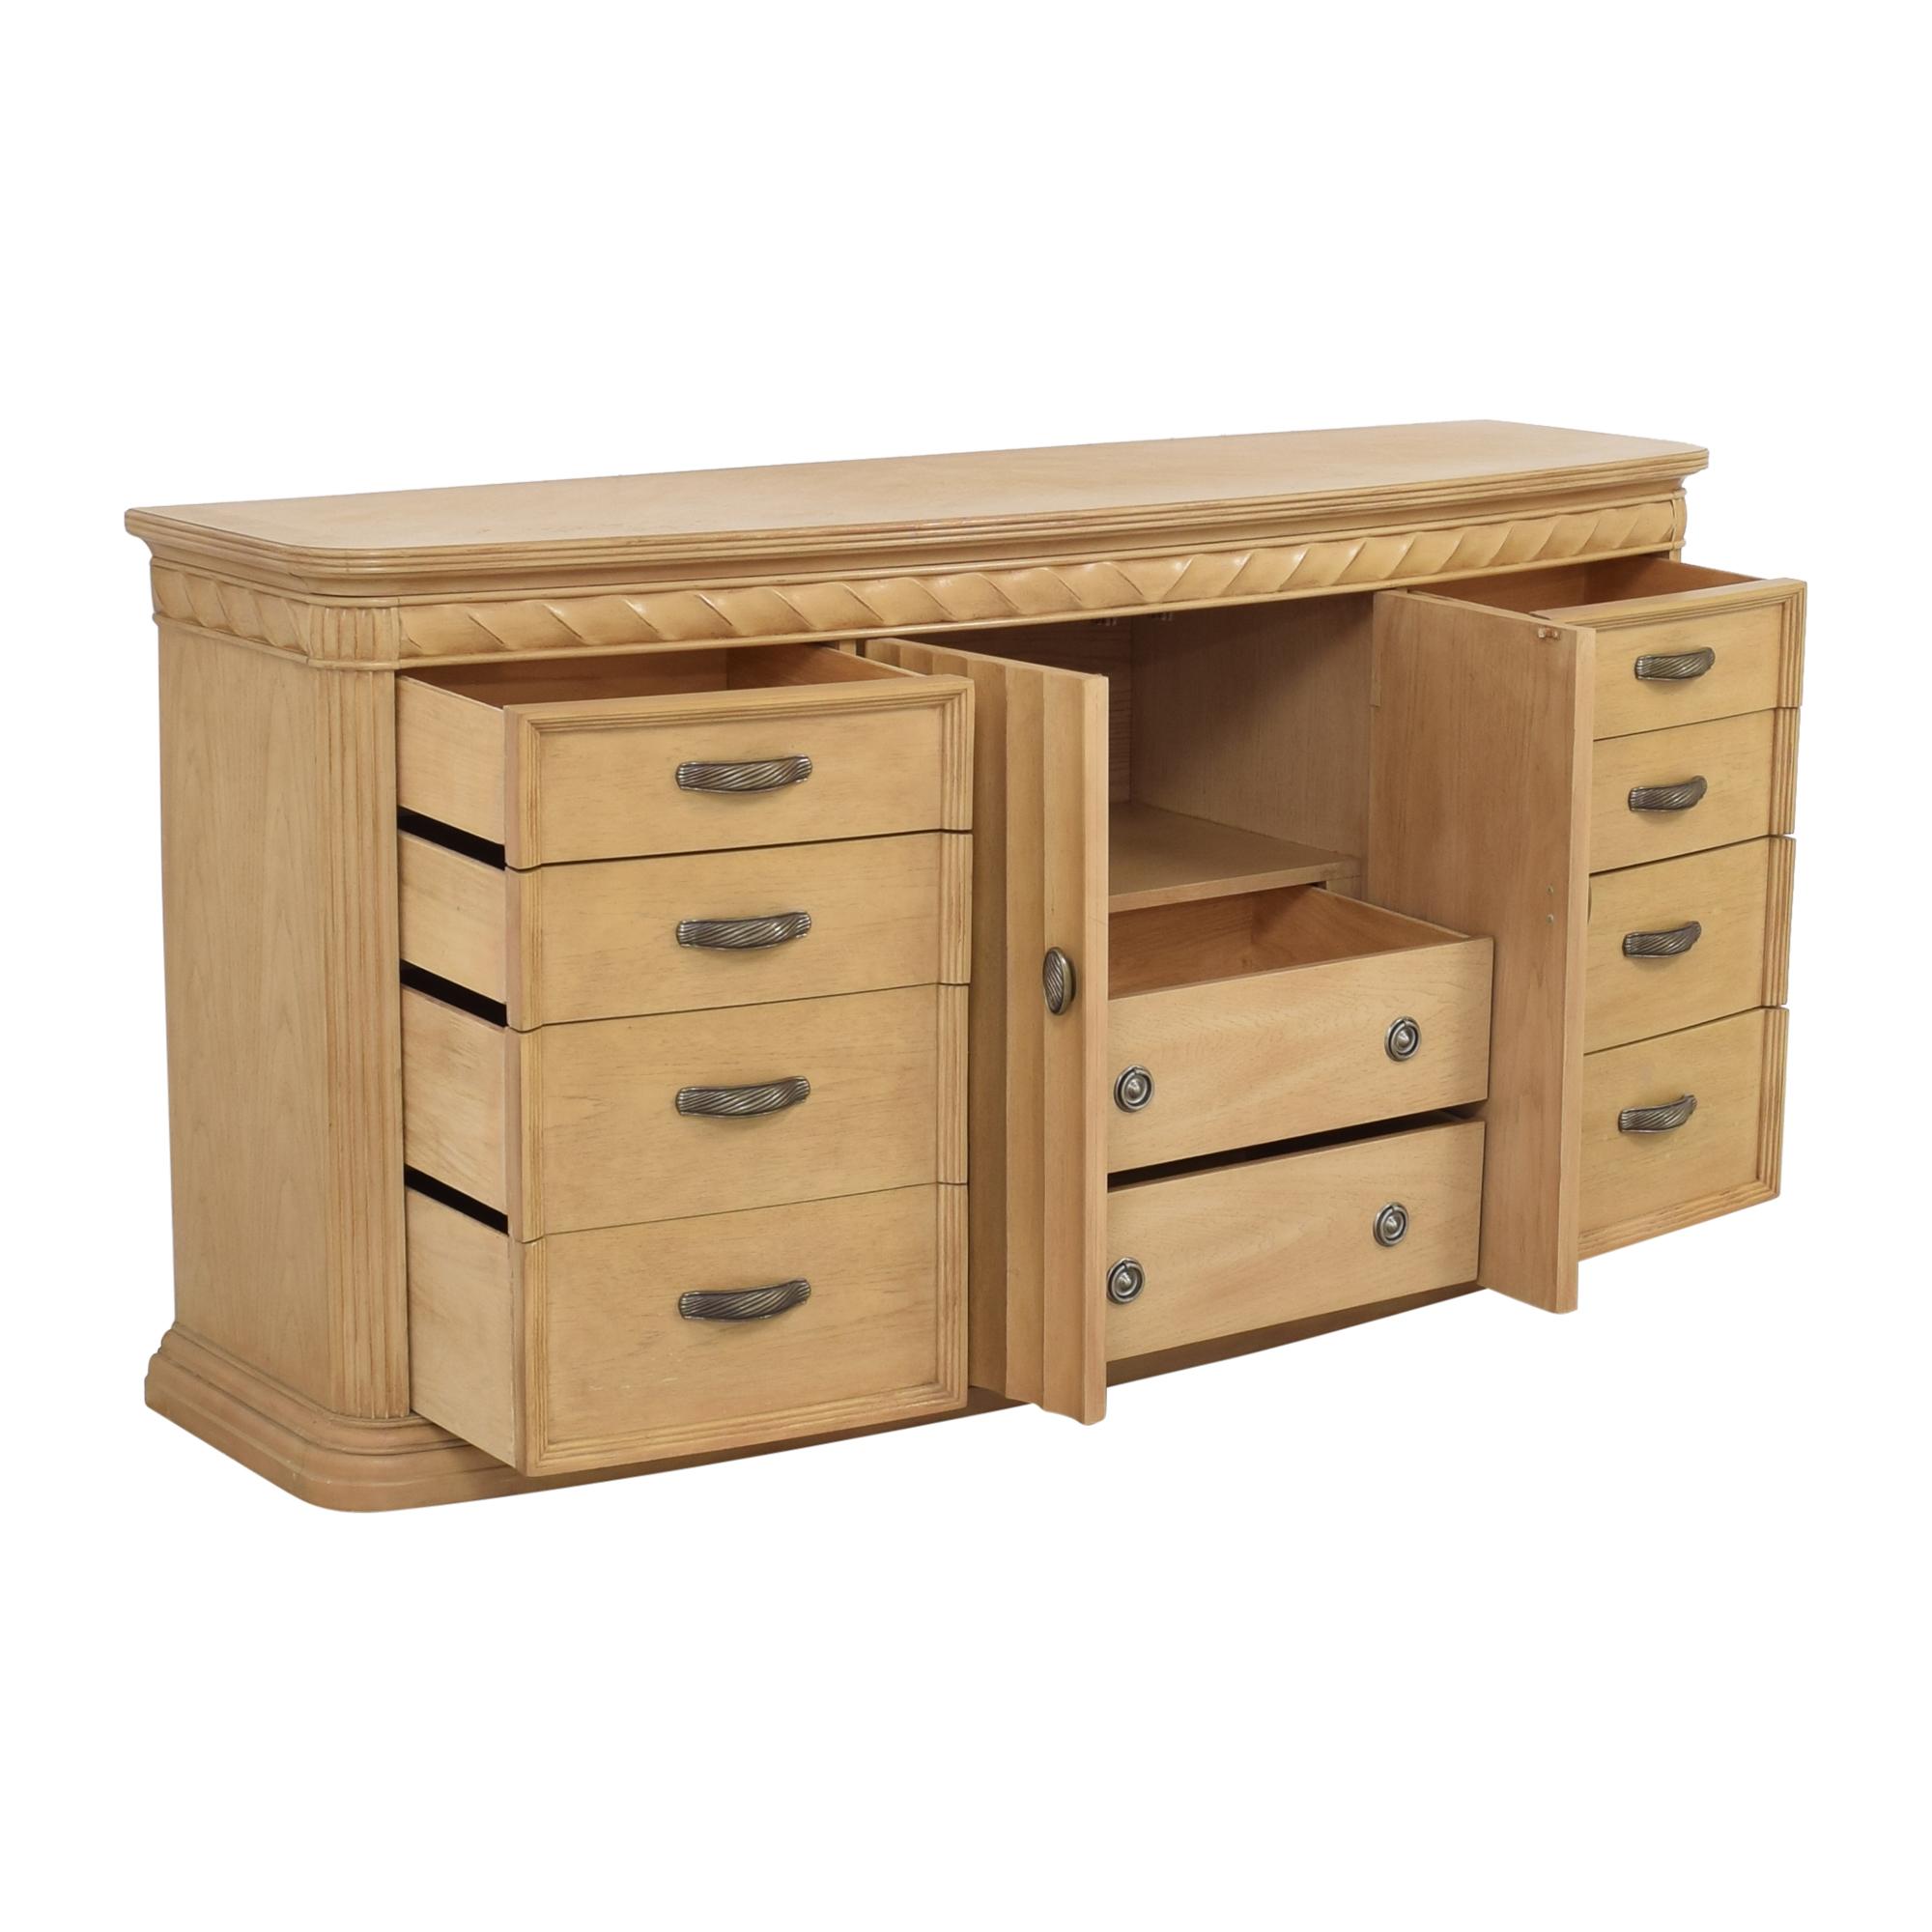 Bernhardt Bernhardt Dresser with Cabinet